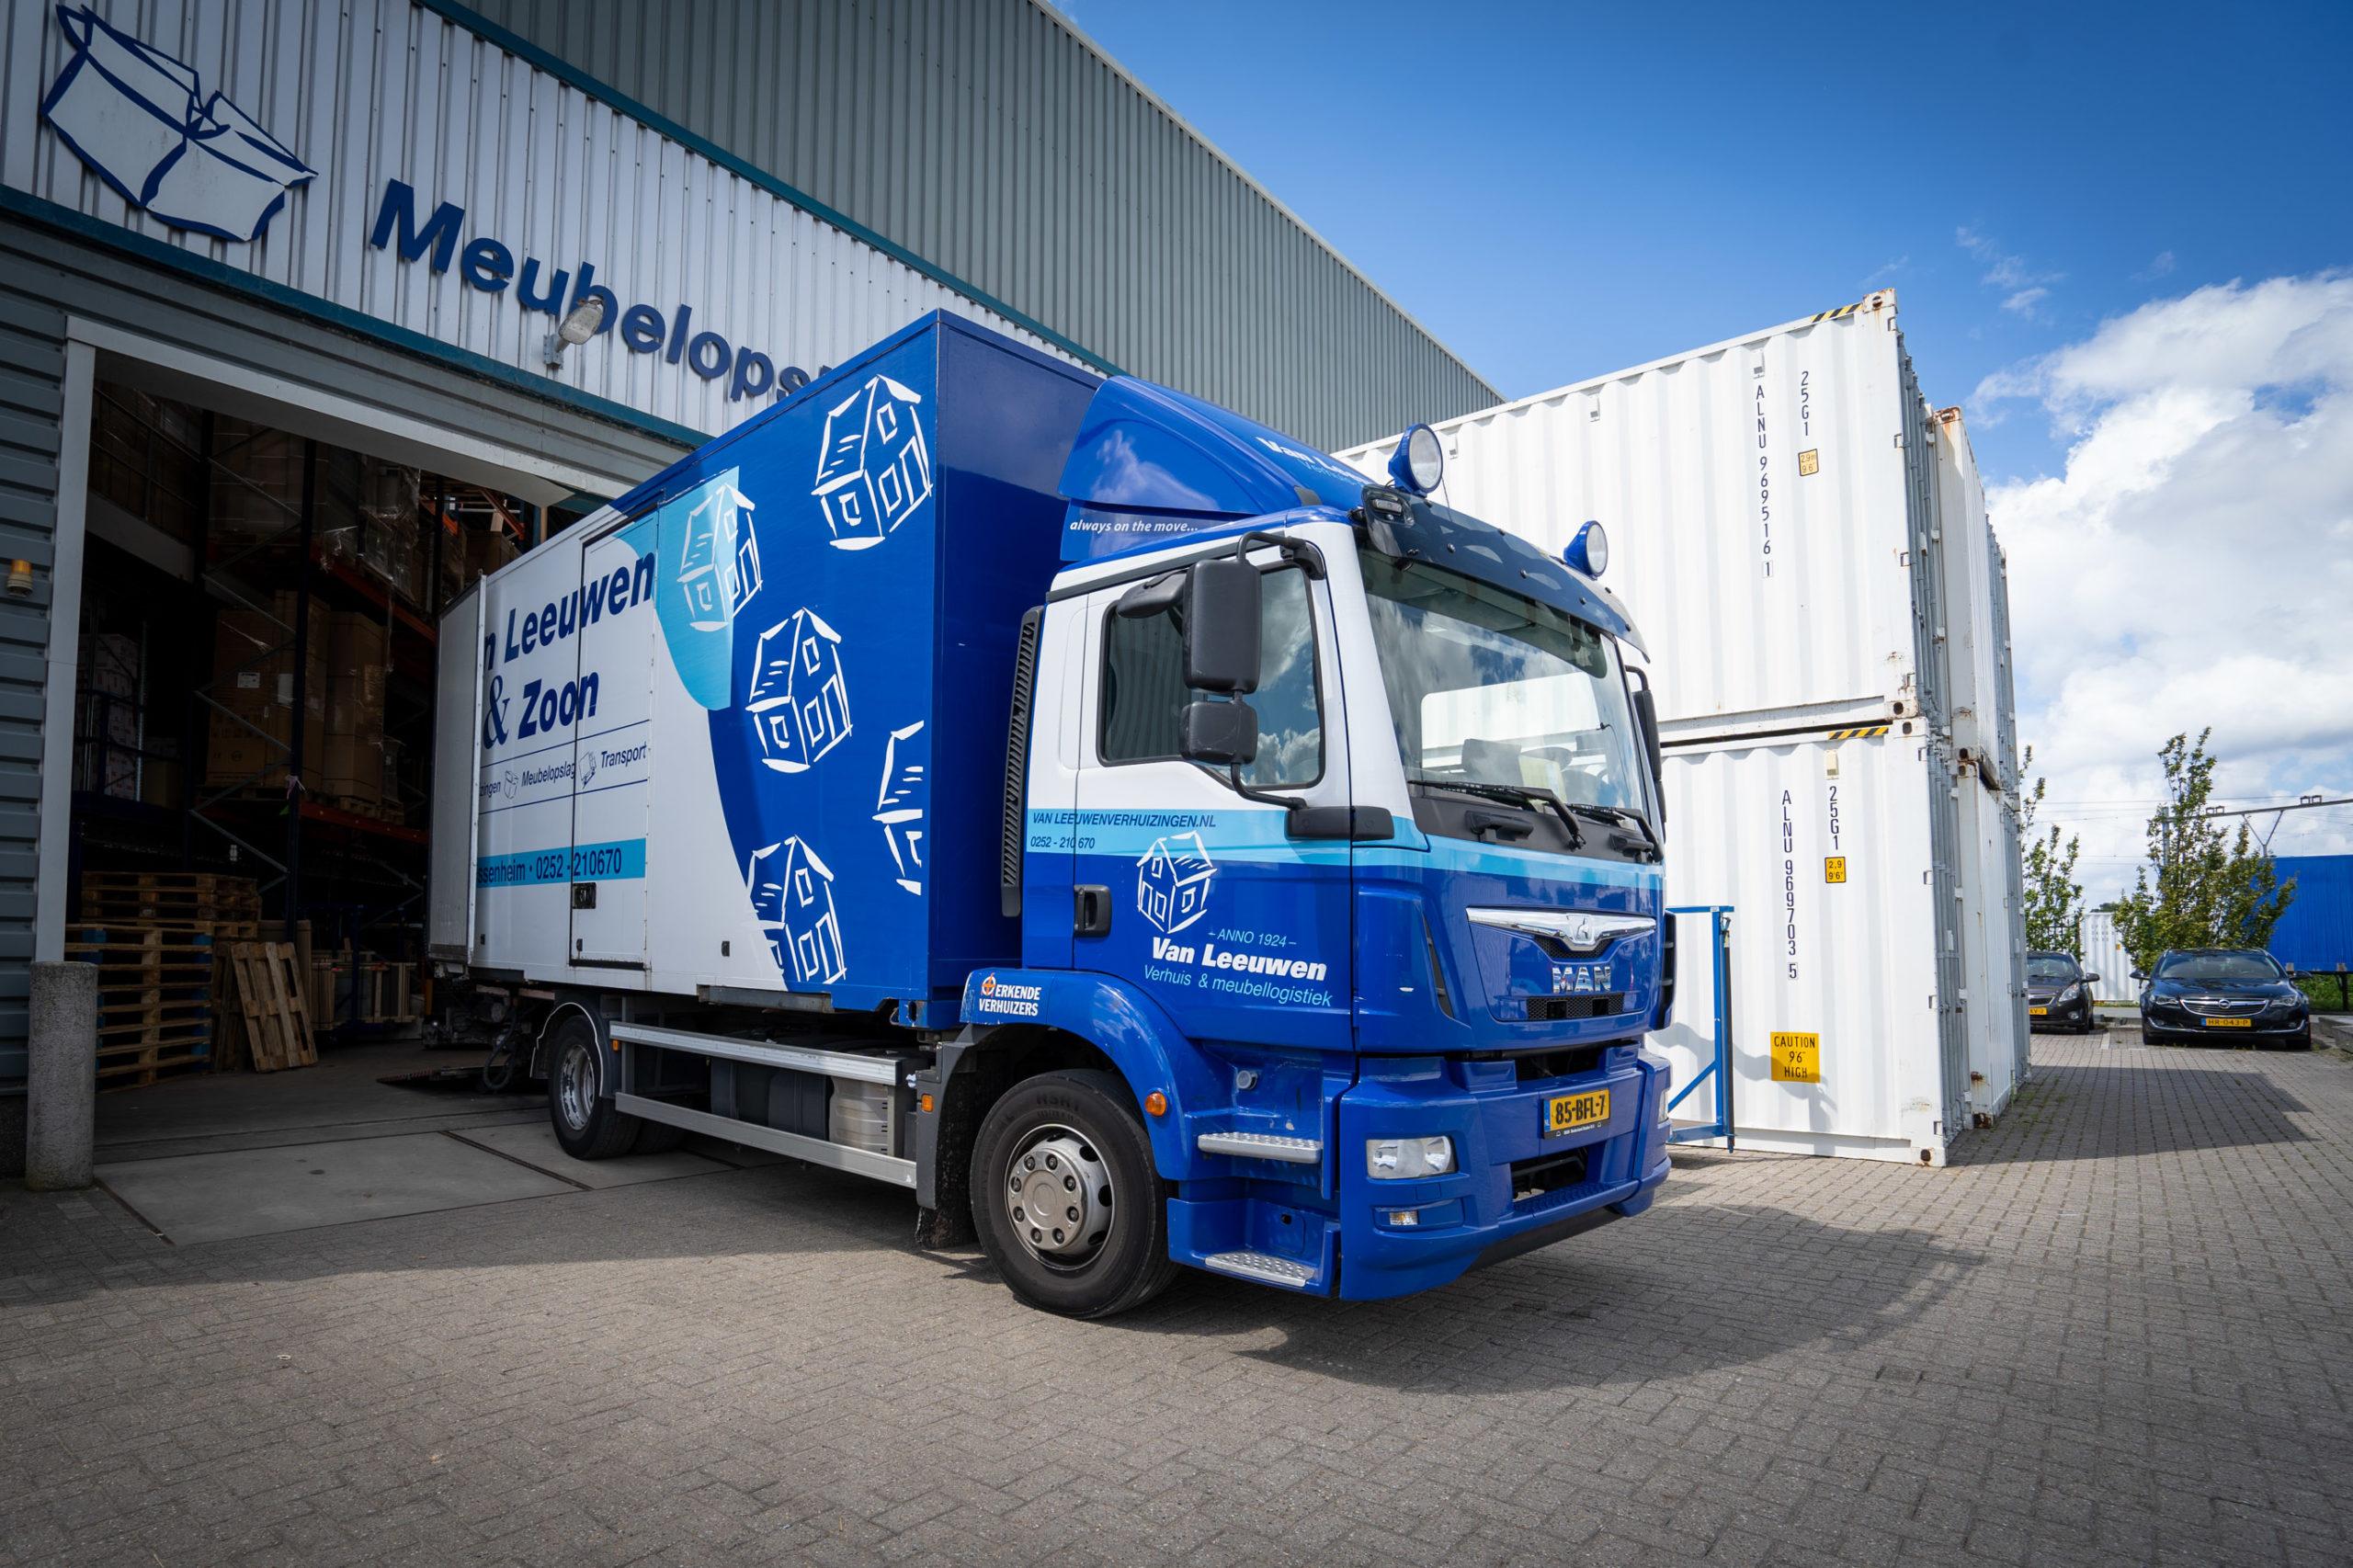 Inladen vrachtwagen meubellogistiek